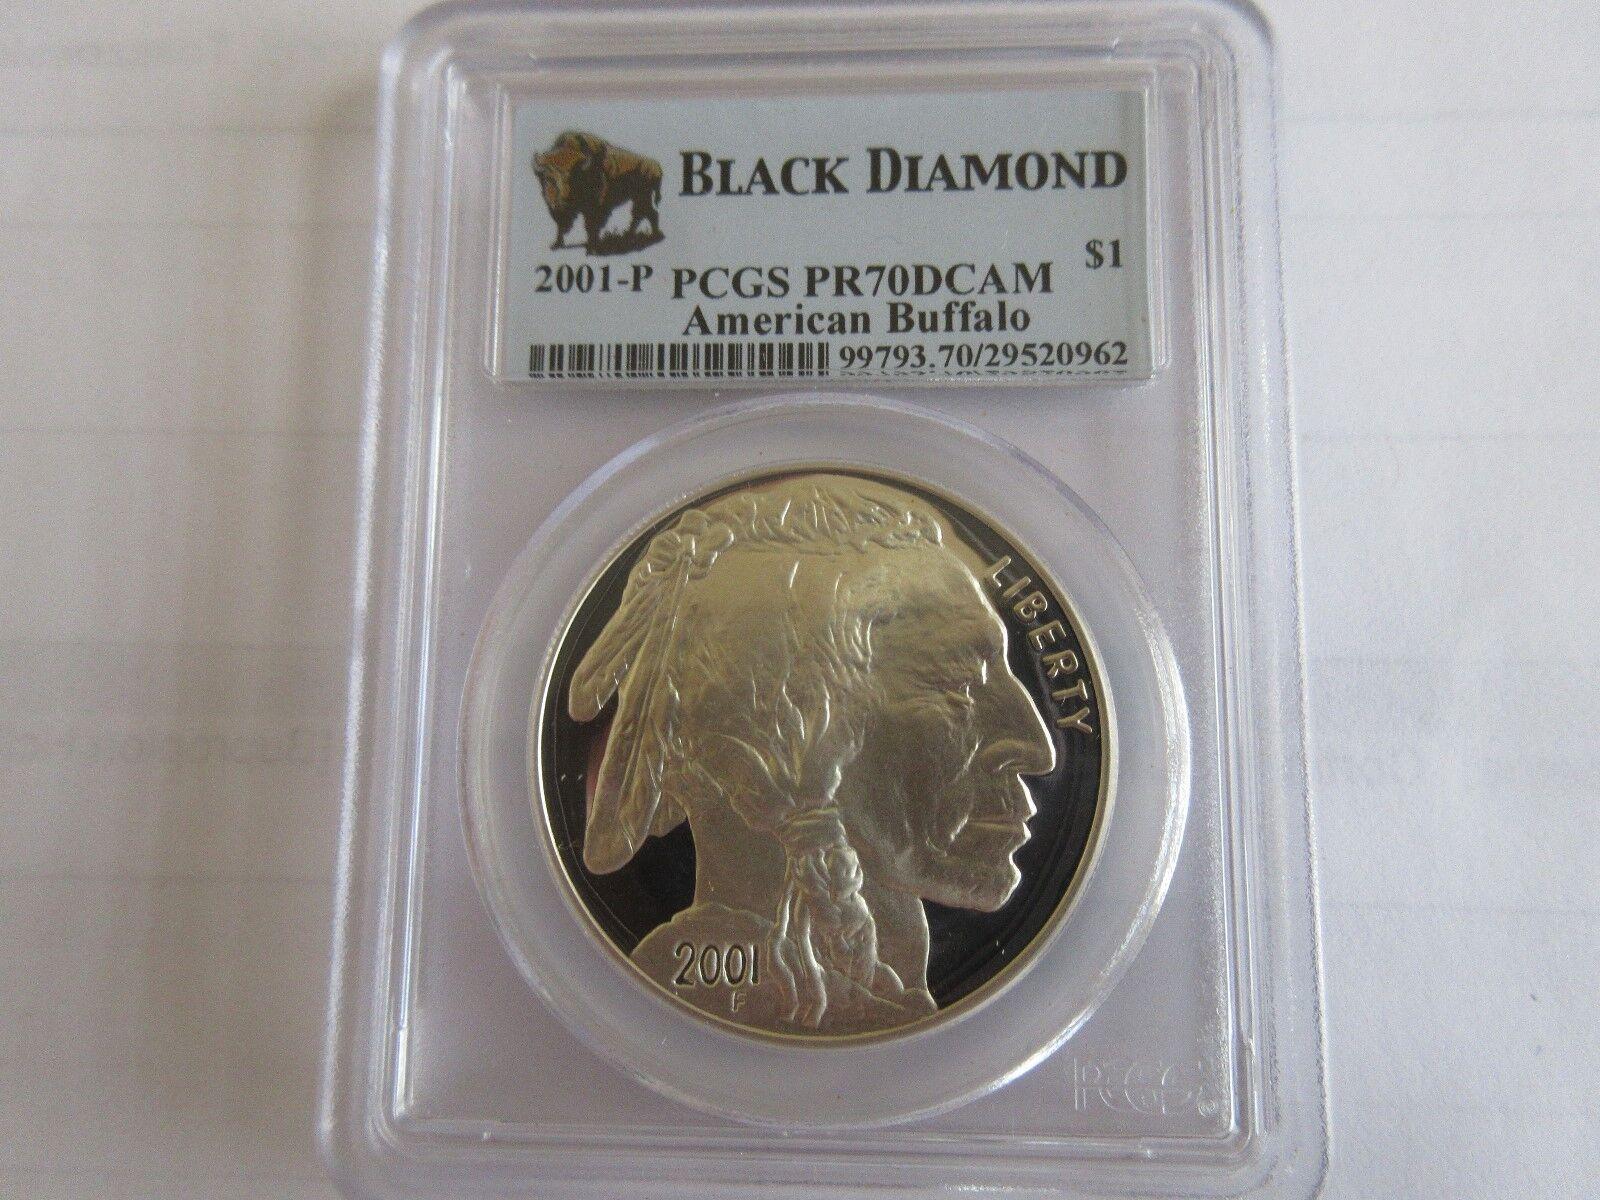 2001-P Black Diamond American Buffalo PCGS PR70DCAM